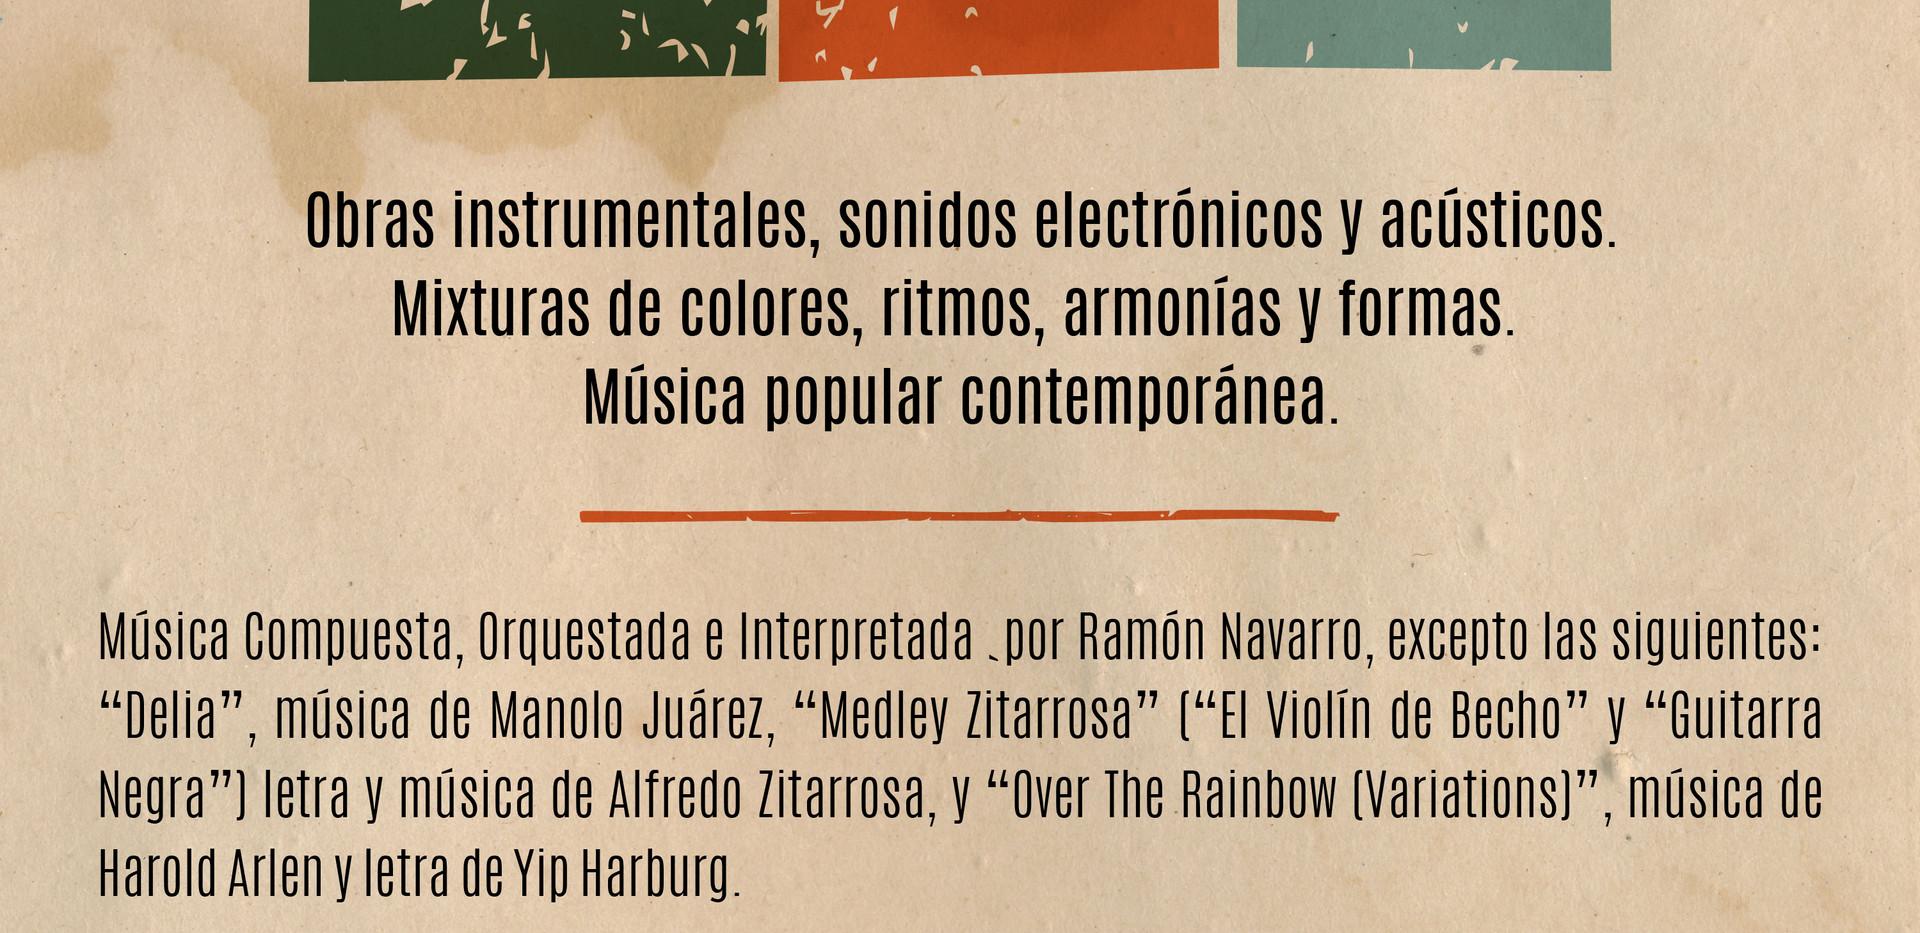 RAMON_NAVARRO_MIXTURAS_INLAY.jpg